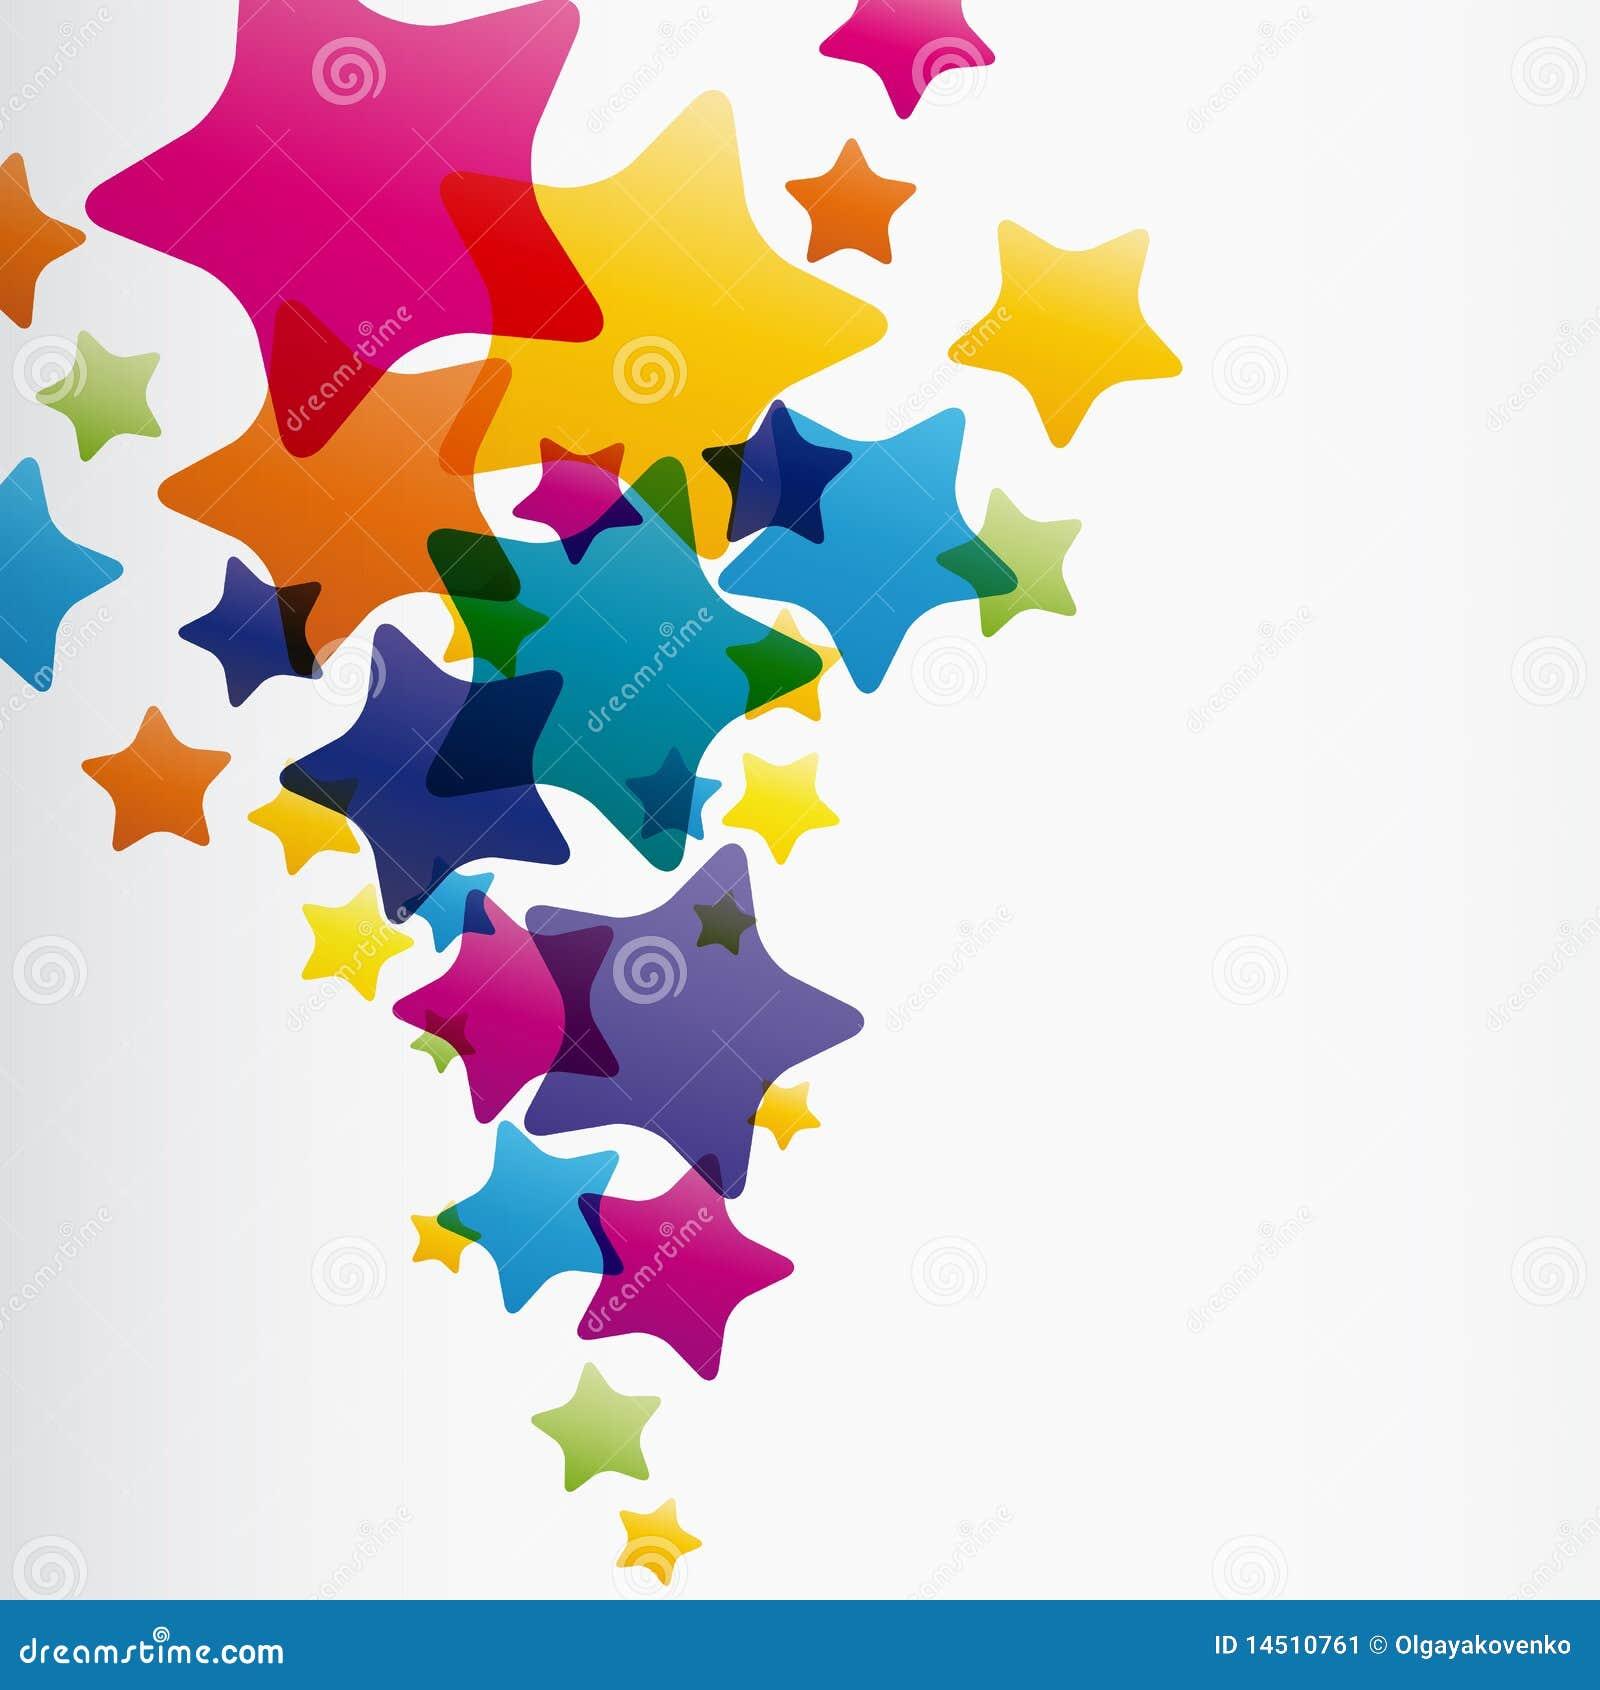 abstractstars abstract stars patterns - photo #26